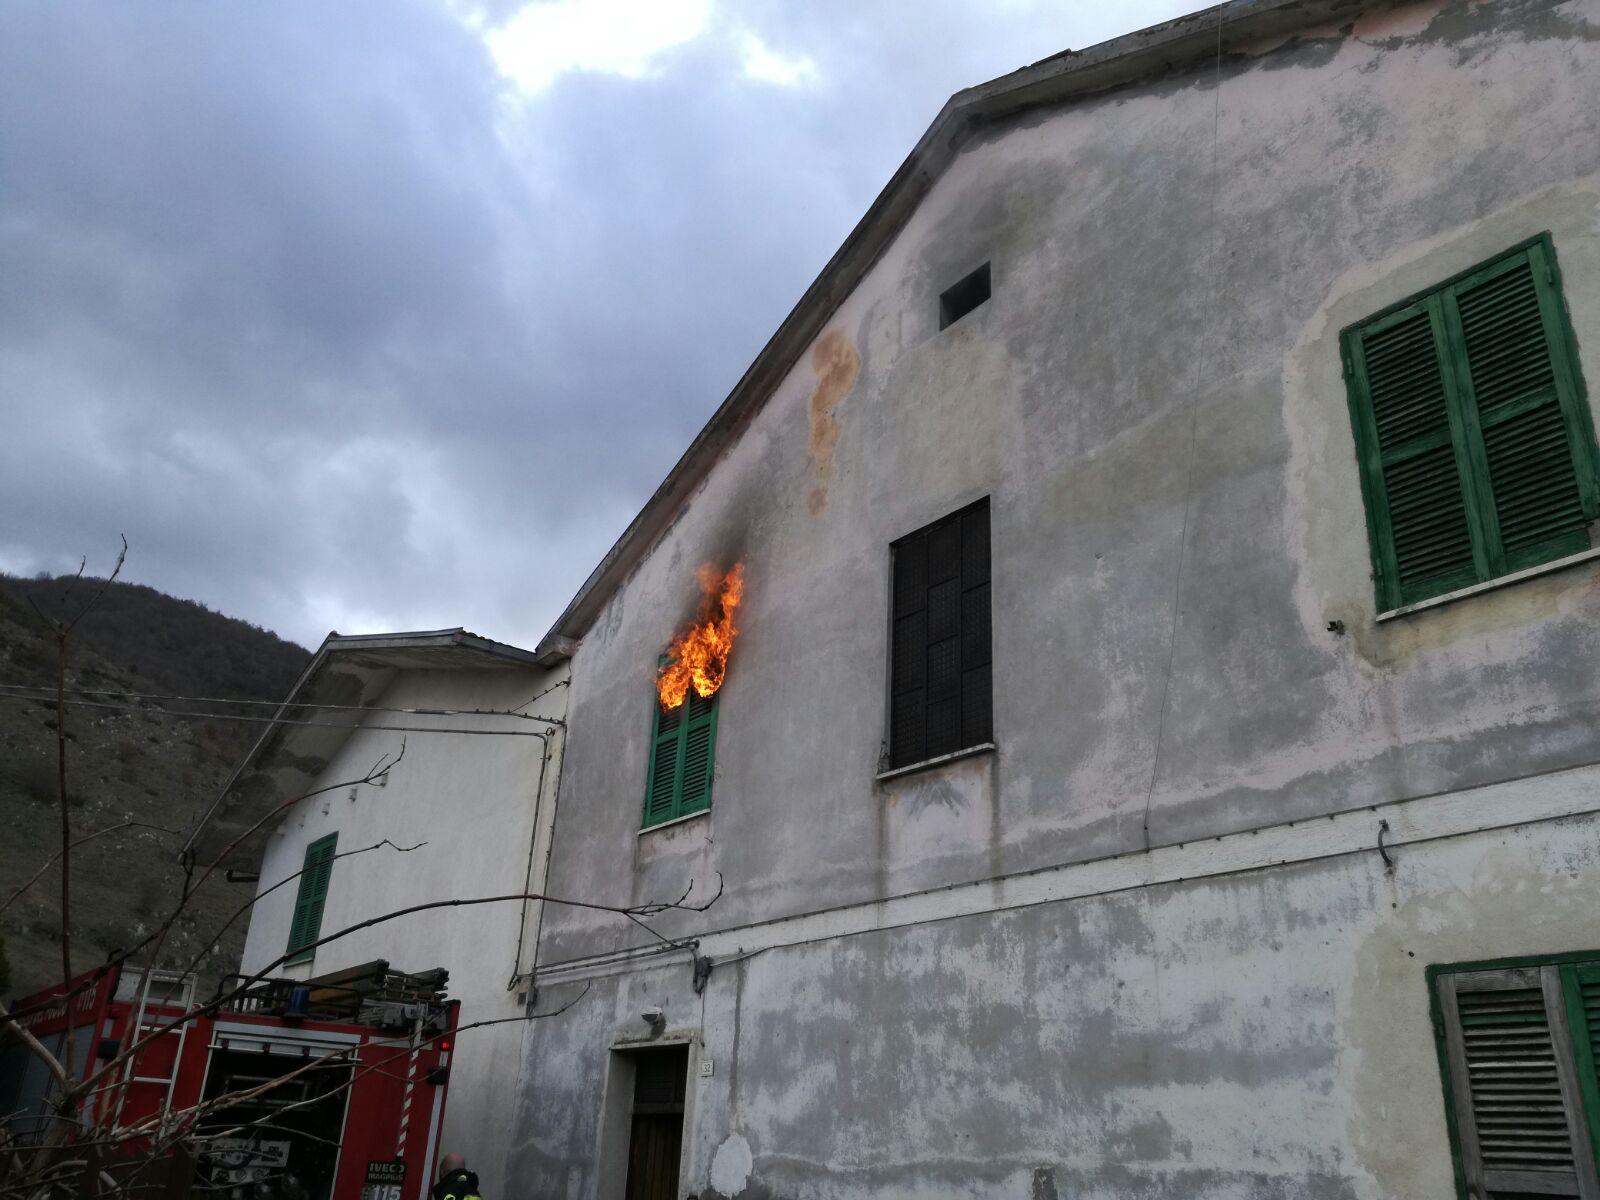 Abitazione in fiamme, tragedia sfiorata a Capistrello